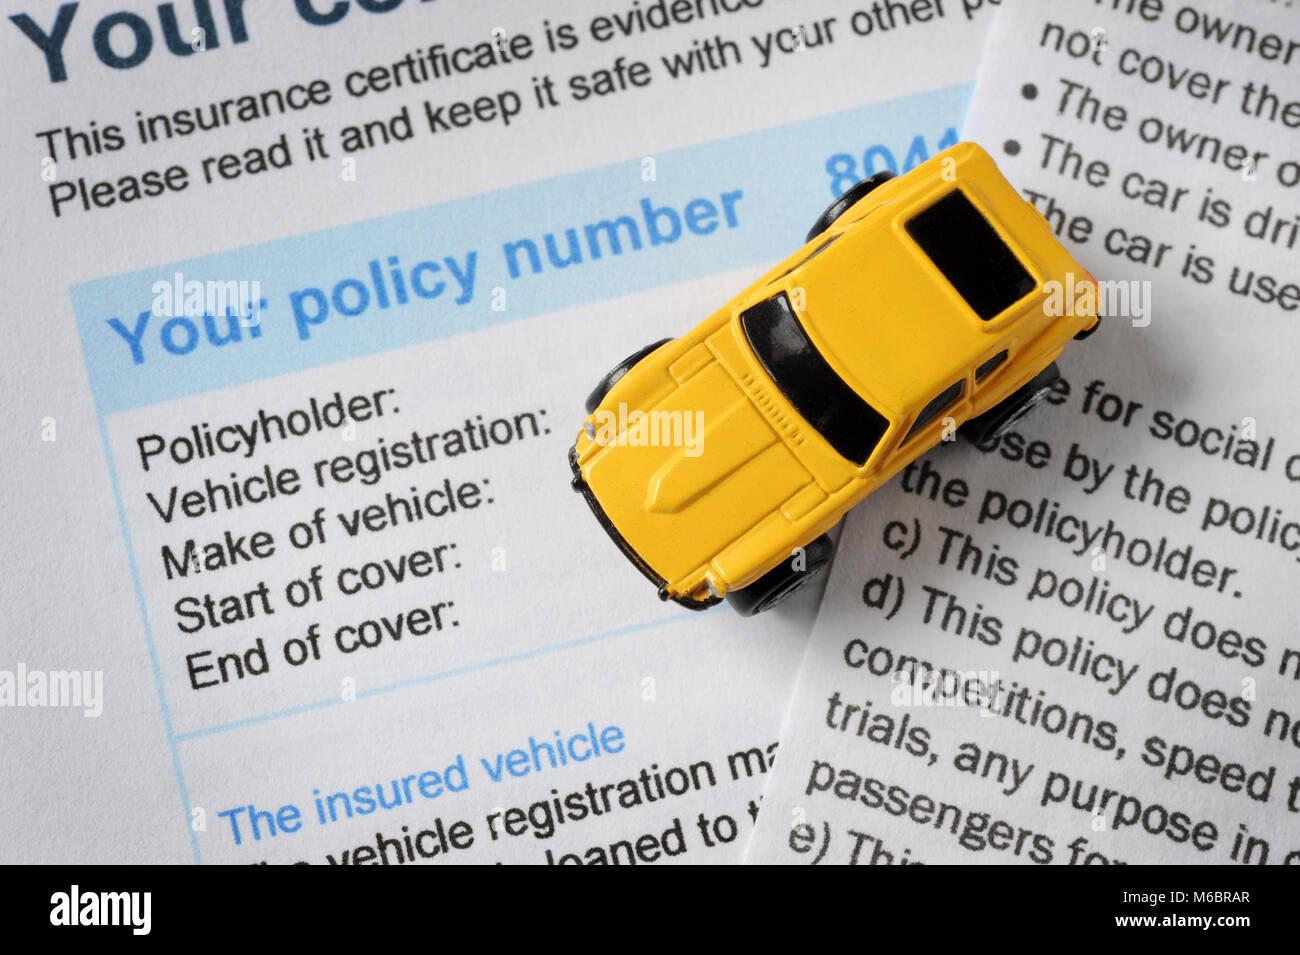 Petite VOITURE AVEC UN NOUVEAU CERTIFICAT D'ASSURANCE AUTOMOBILE POLITIQUE REVENDICATIONS MOTORS LA HAUSSE DES Photo Stock